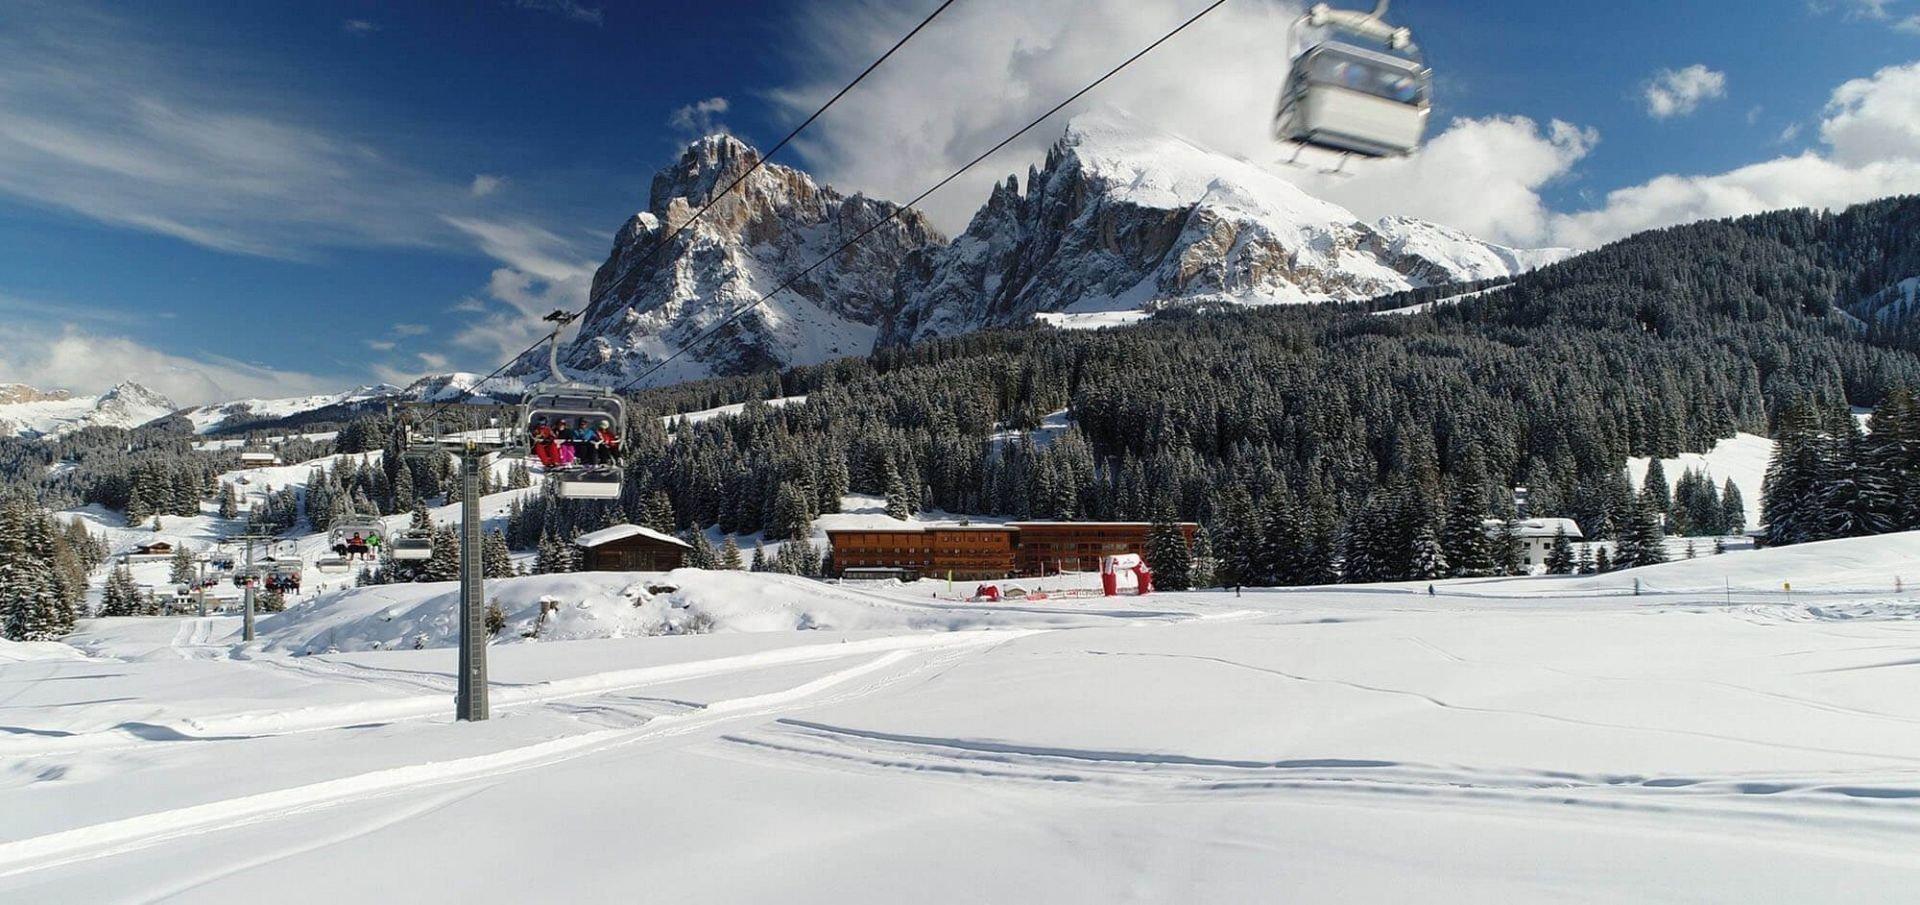 skilift-skigebiet-seiser-alm-kastelruth-florianlift-floralpinalift-1